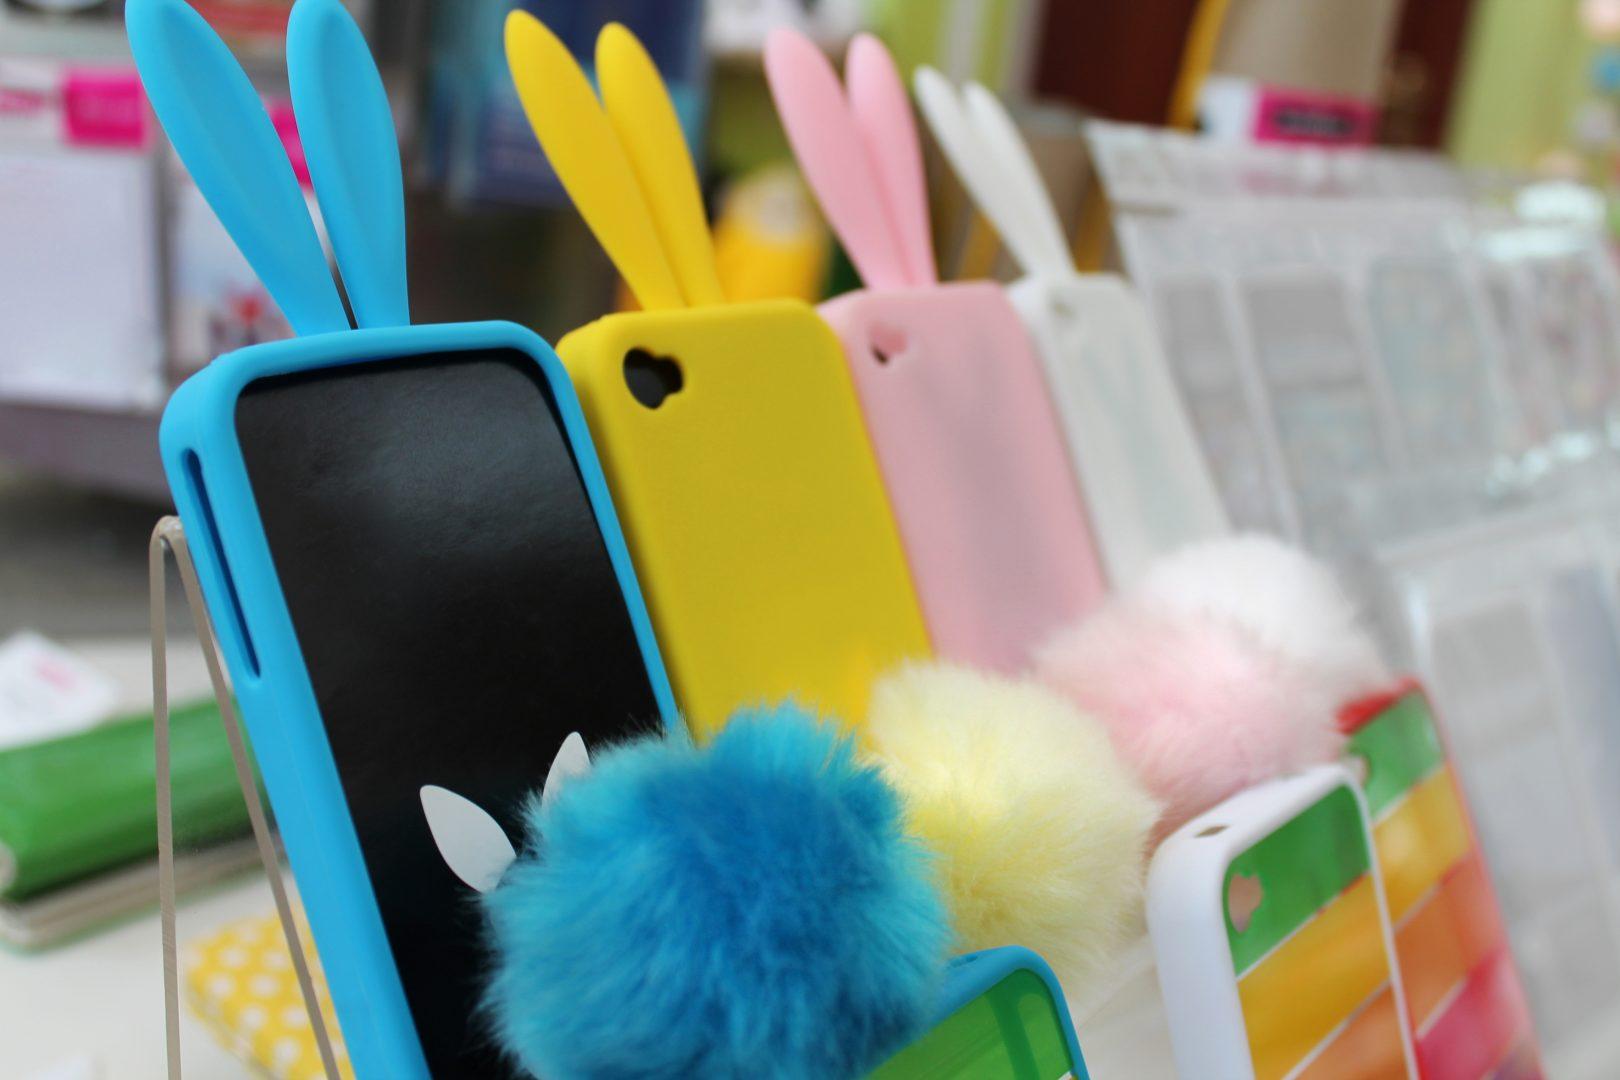 дамски и мъжки смартфони Има ли дамски и мъжки смартфони? А1 Блог